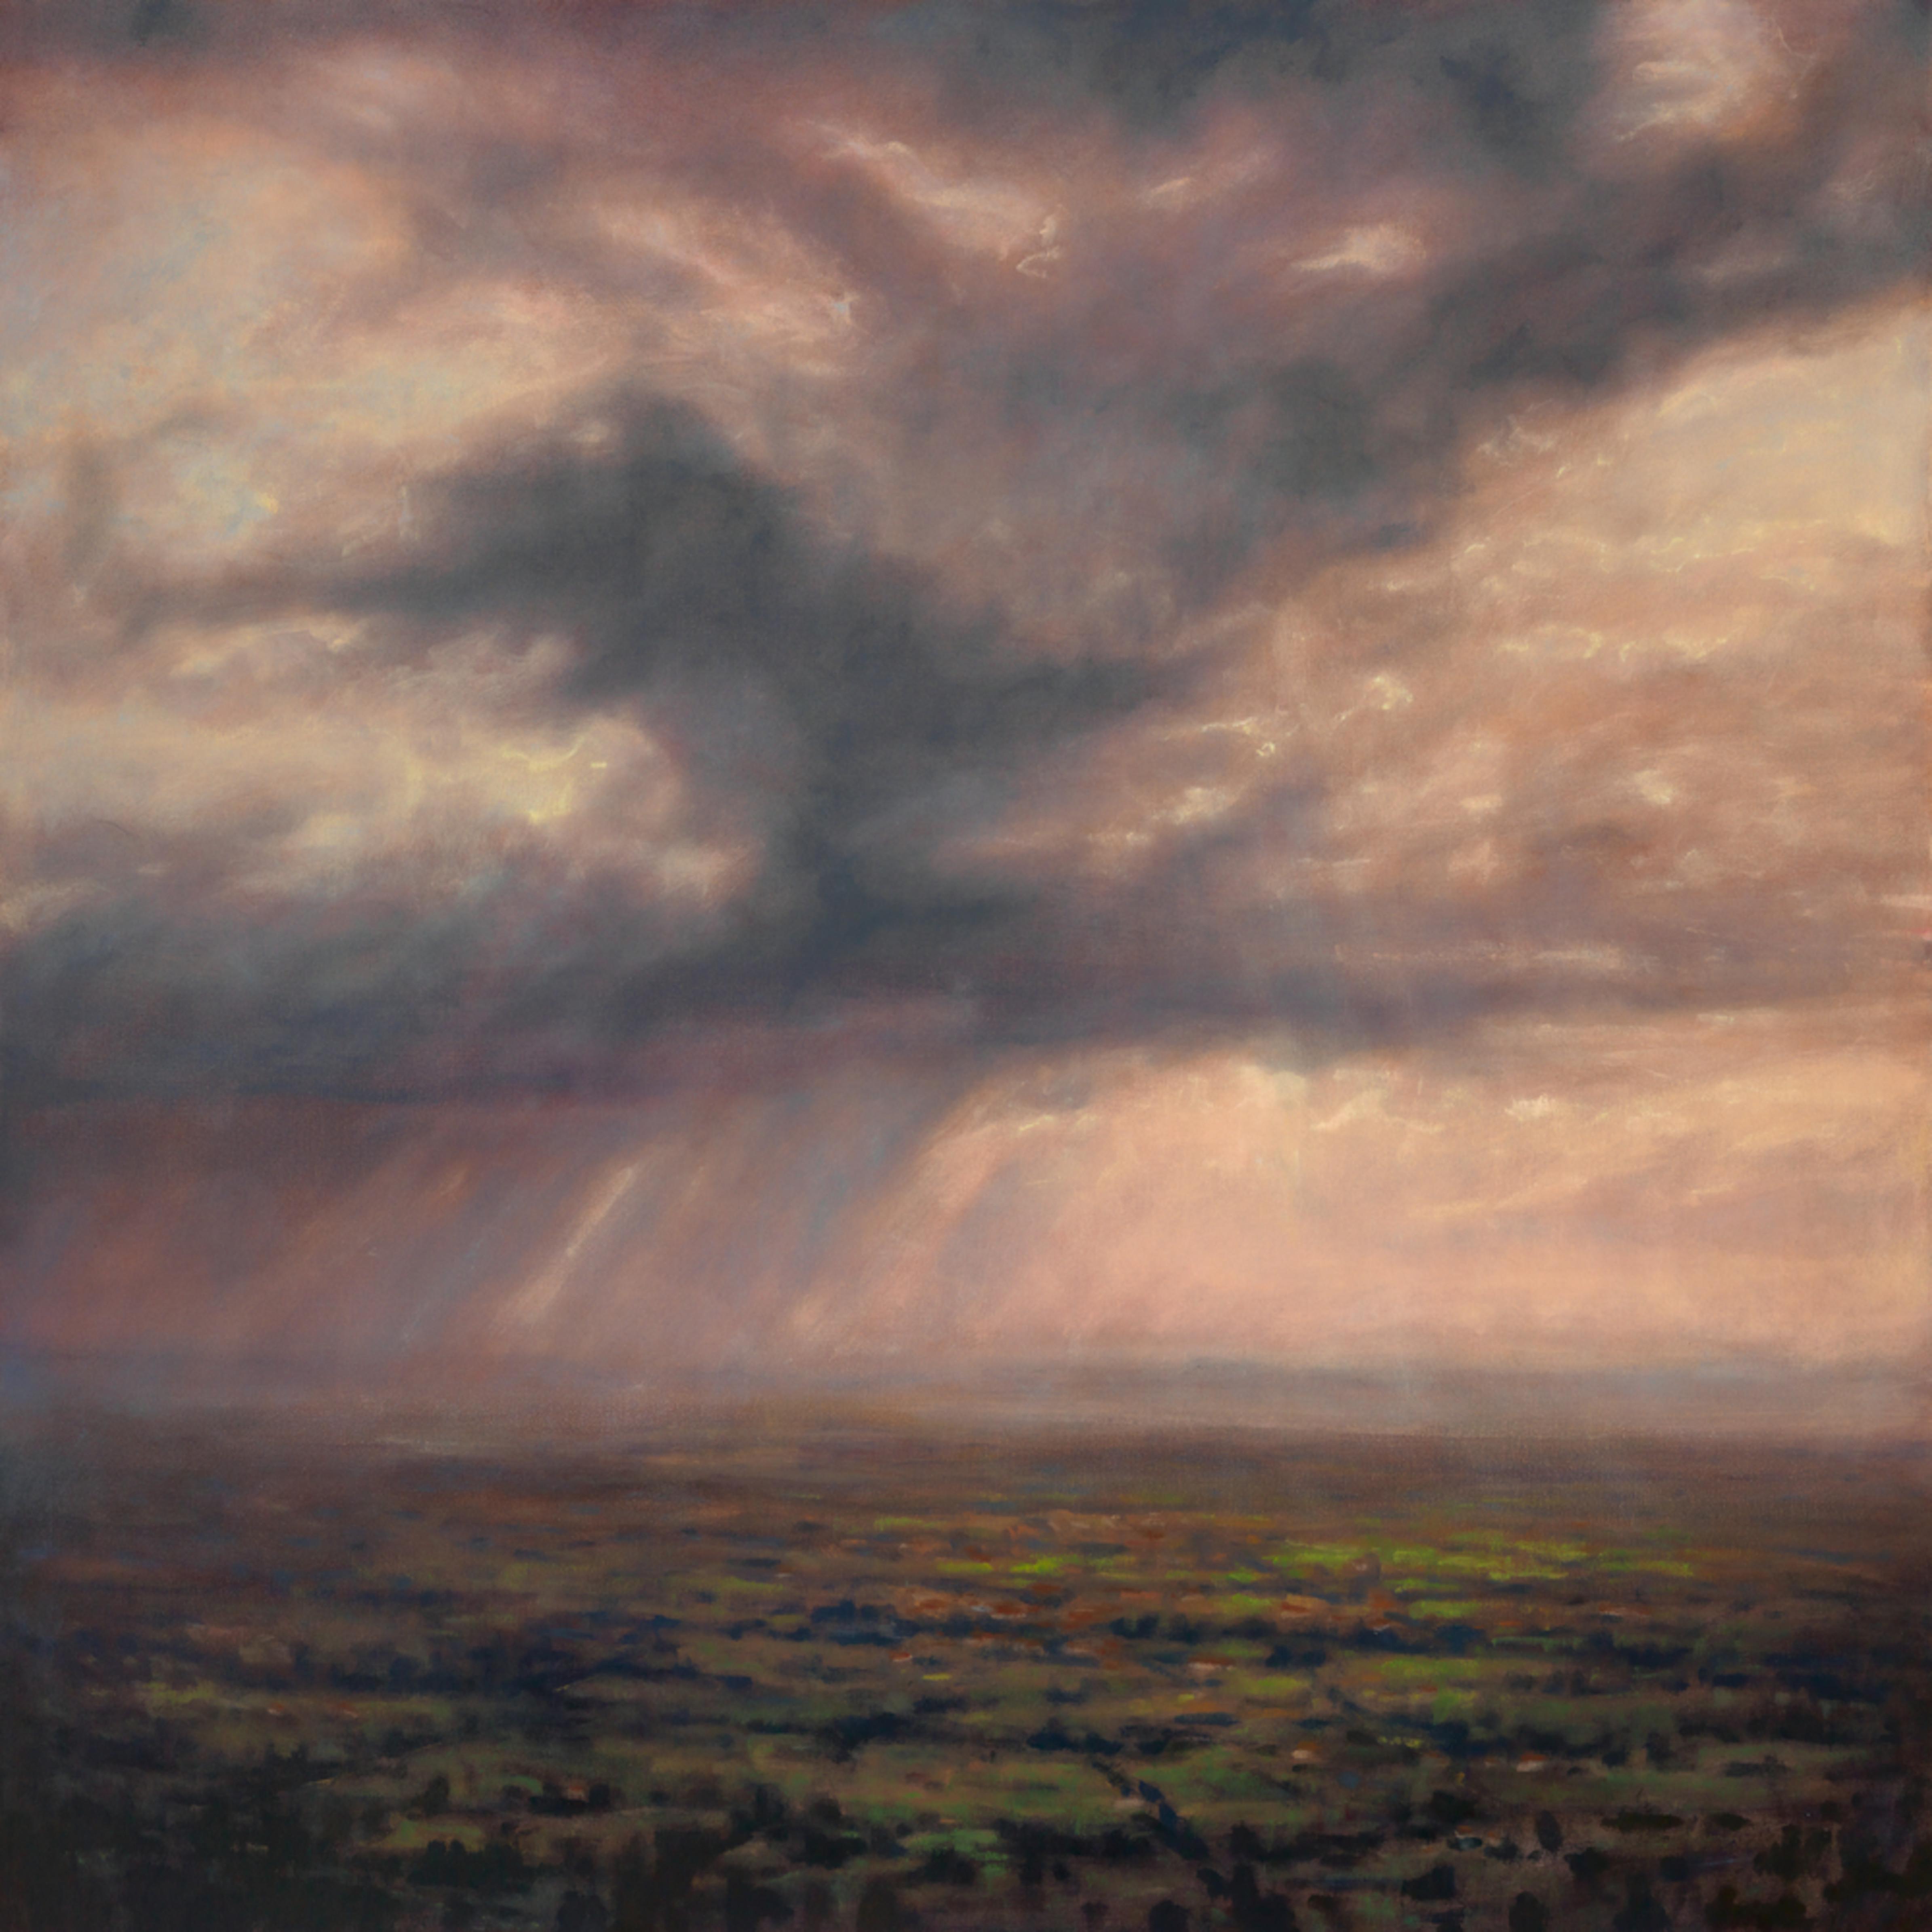 Tuscan rain48x48feb07 11267 pikvy8